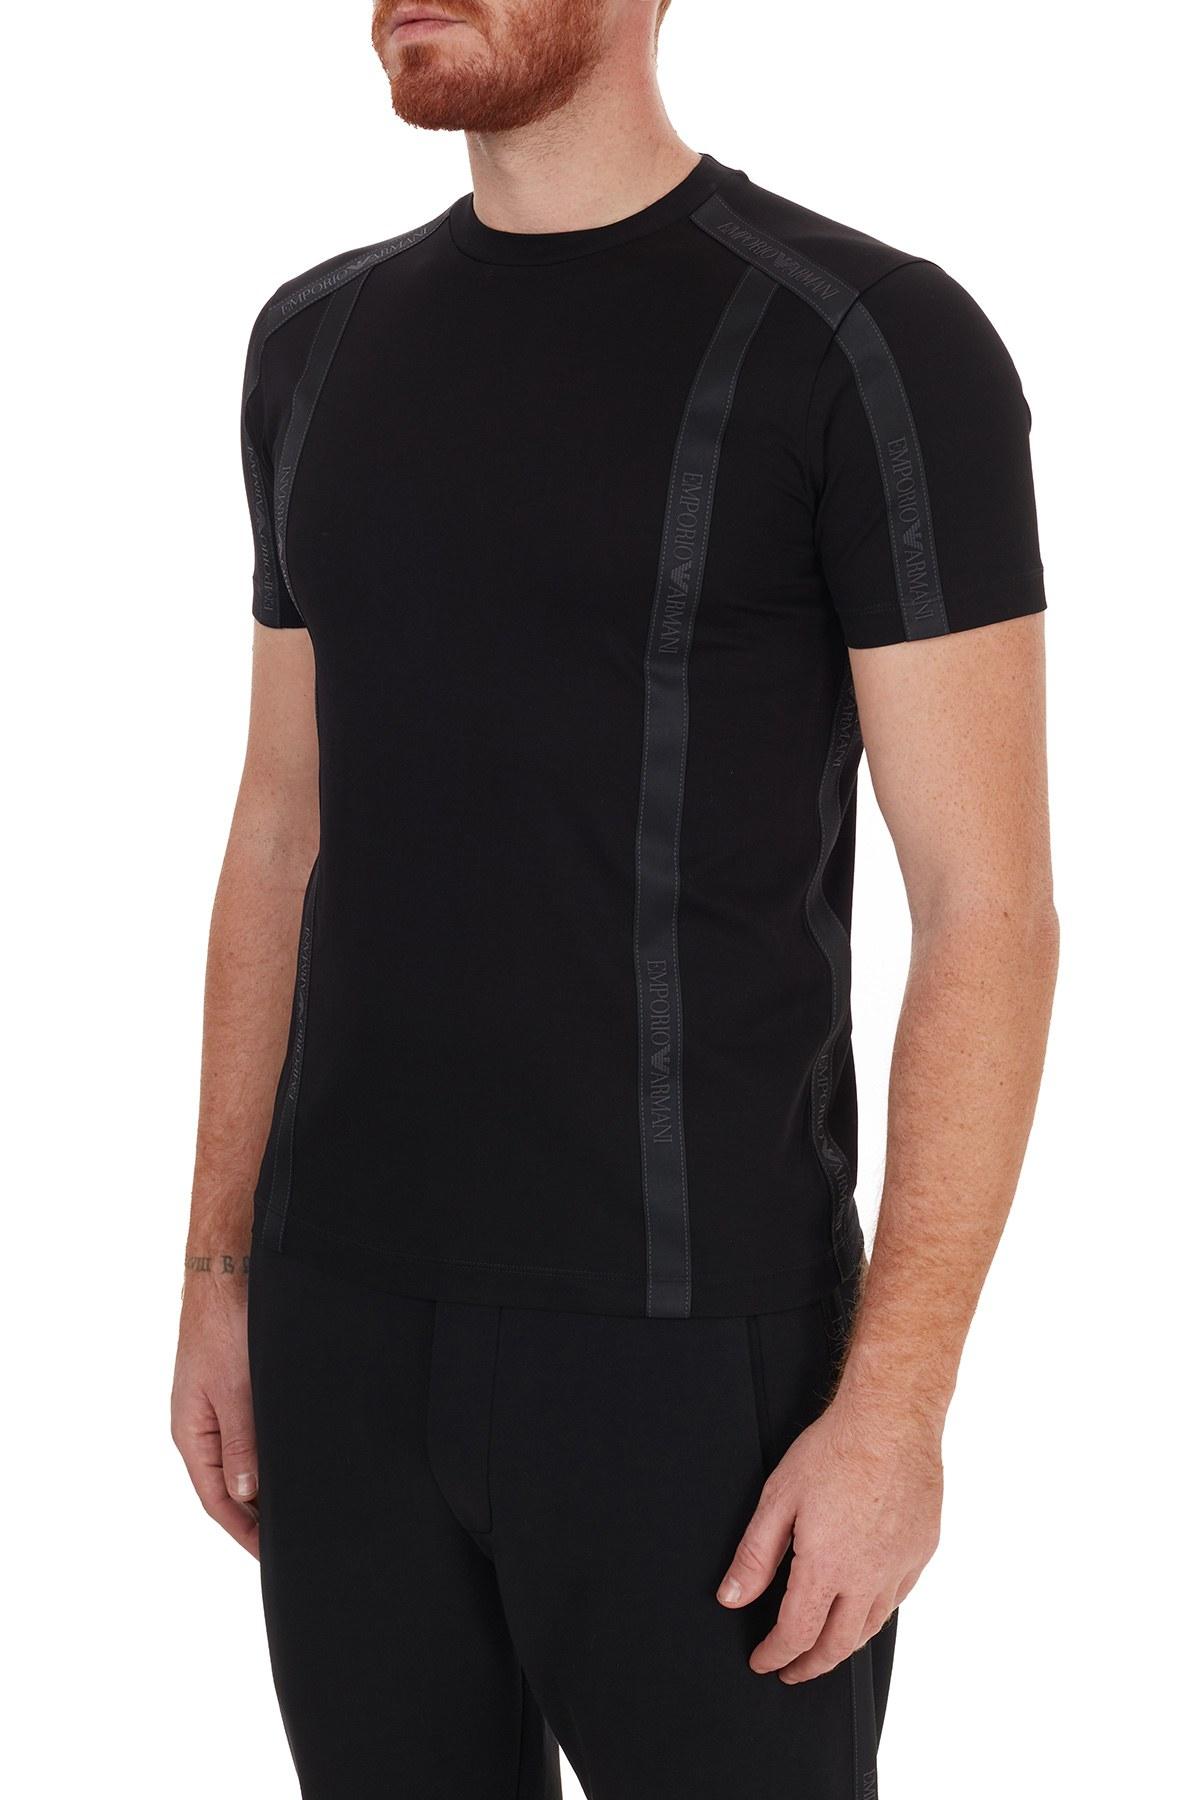 Emporio Armani Logo Bantlı Bisiklet Yaka % 100 Pamuk Erkek T Shirt 6H1TG4 1JTUZ 0999 SİYAH